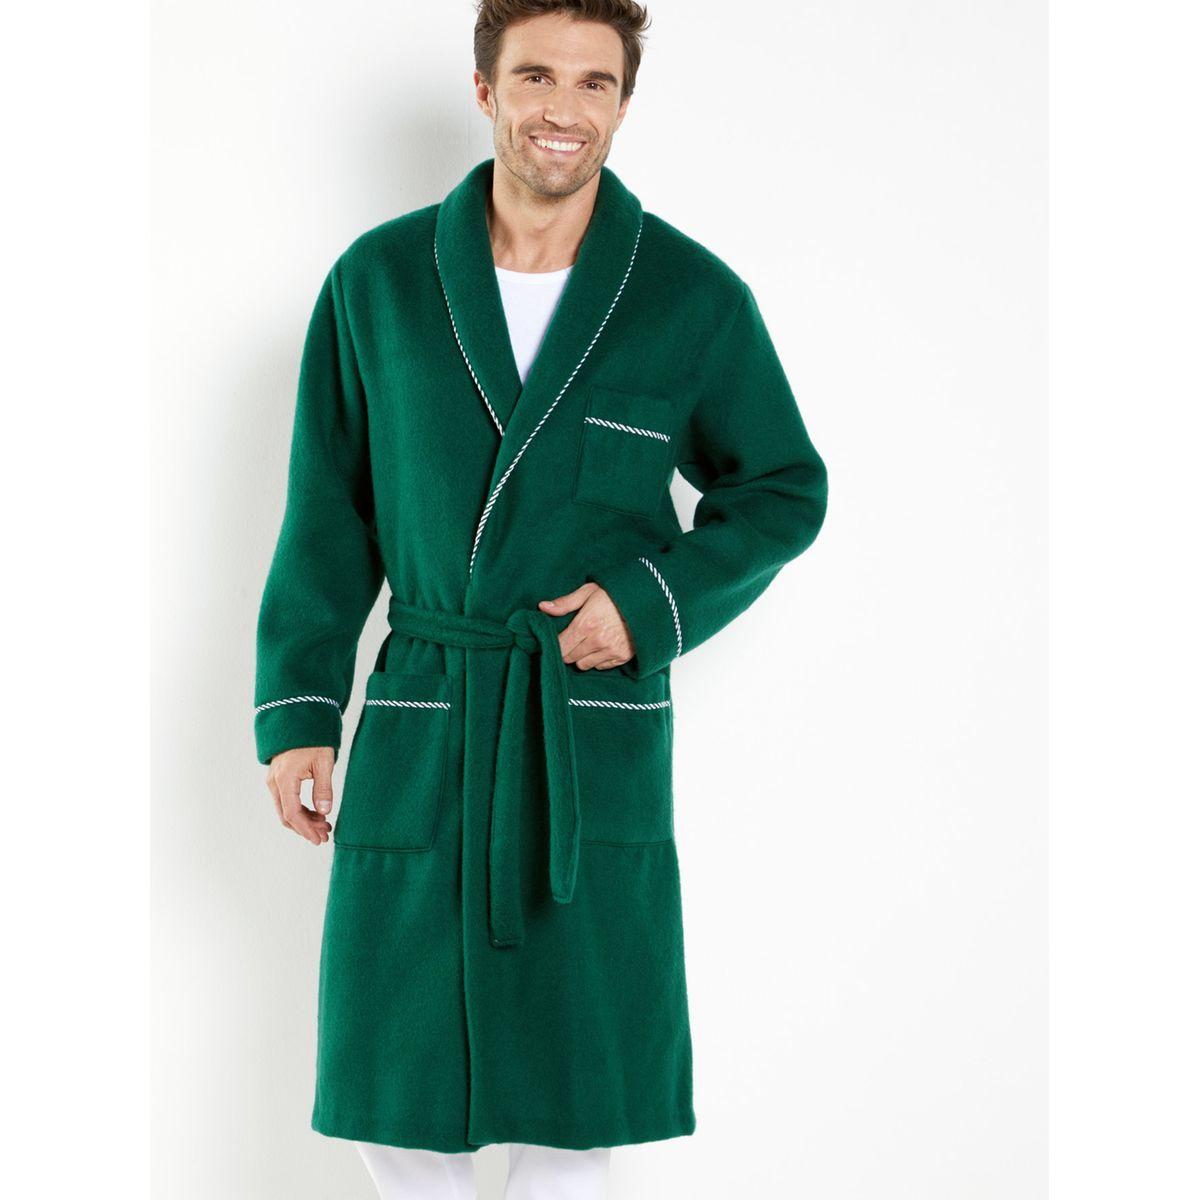 Robe De Chambre Maille Courtelle Taille L M Xl 2xl Robe De Chambre Homme Robe De Chambre Robe